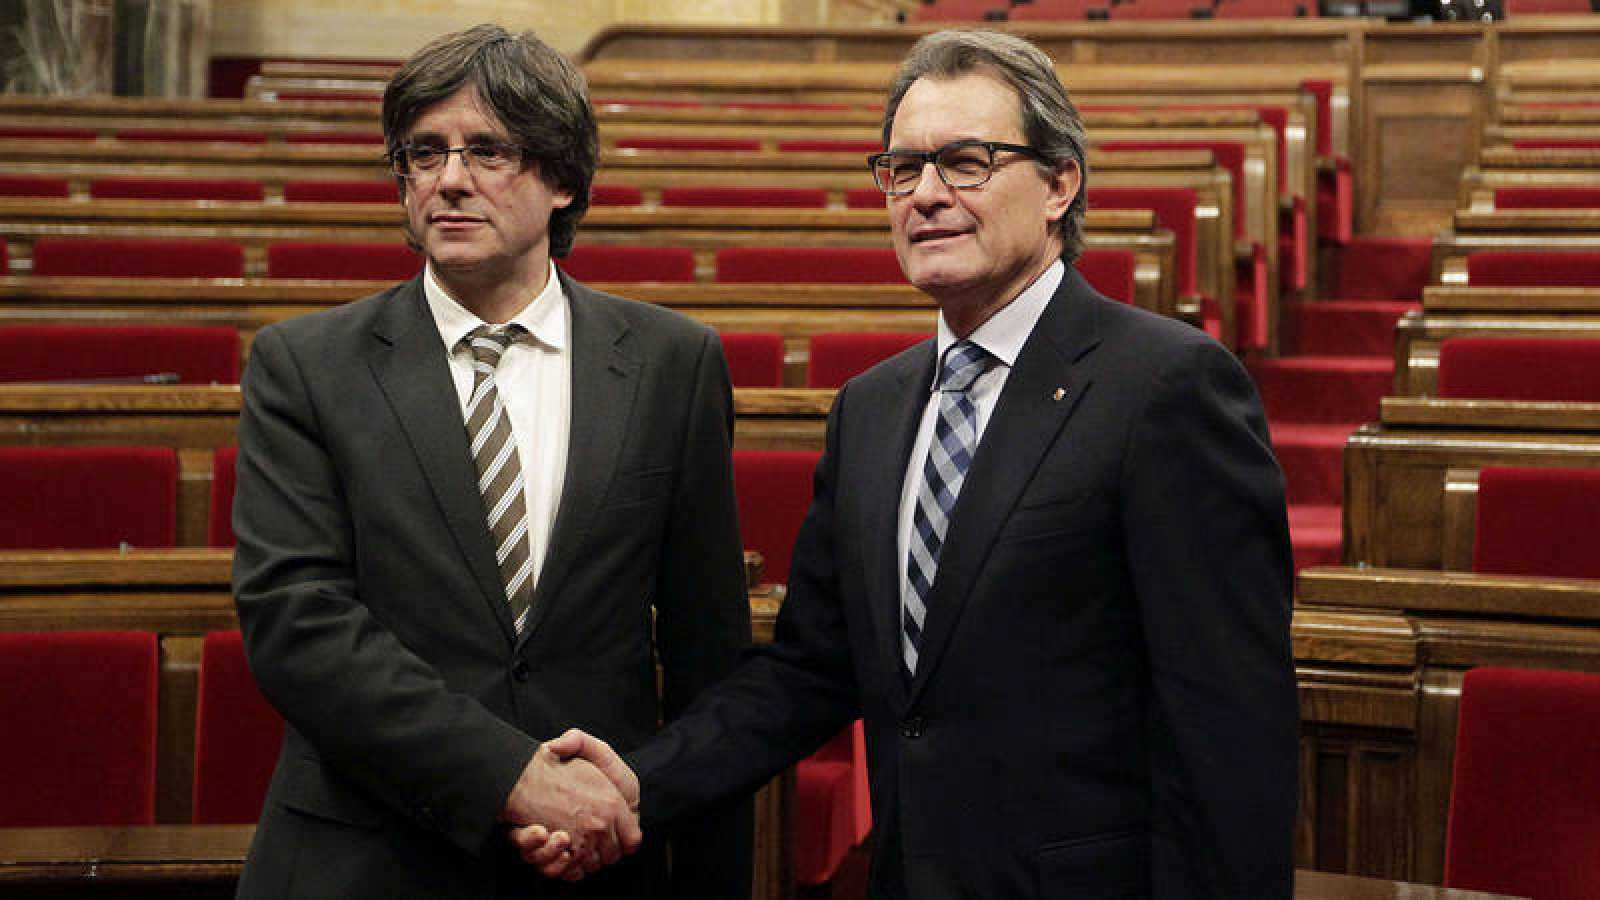 Carles Puigdemont y Artur Mas durante la investidura de Puidgemont en 2016